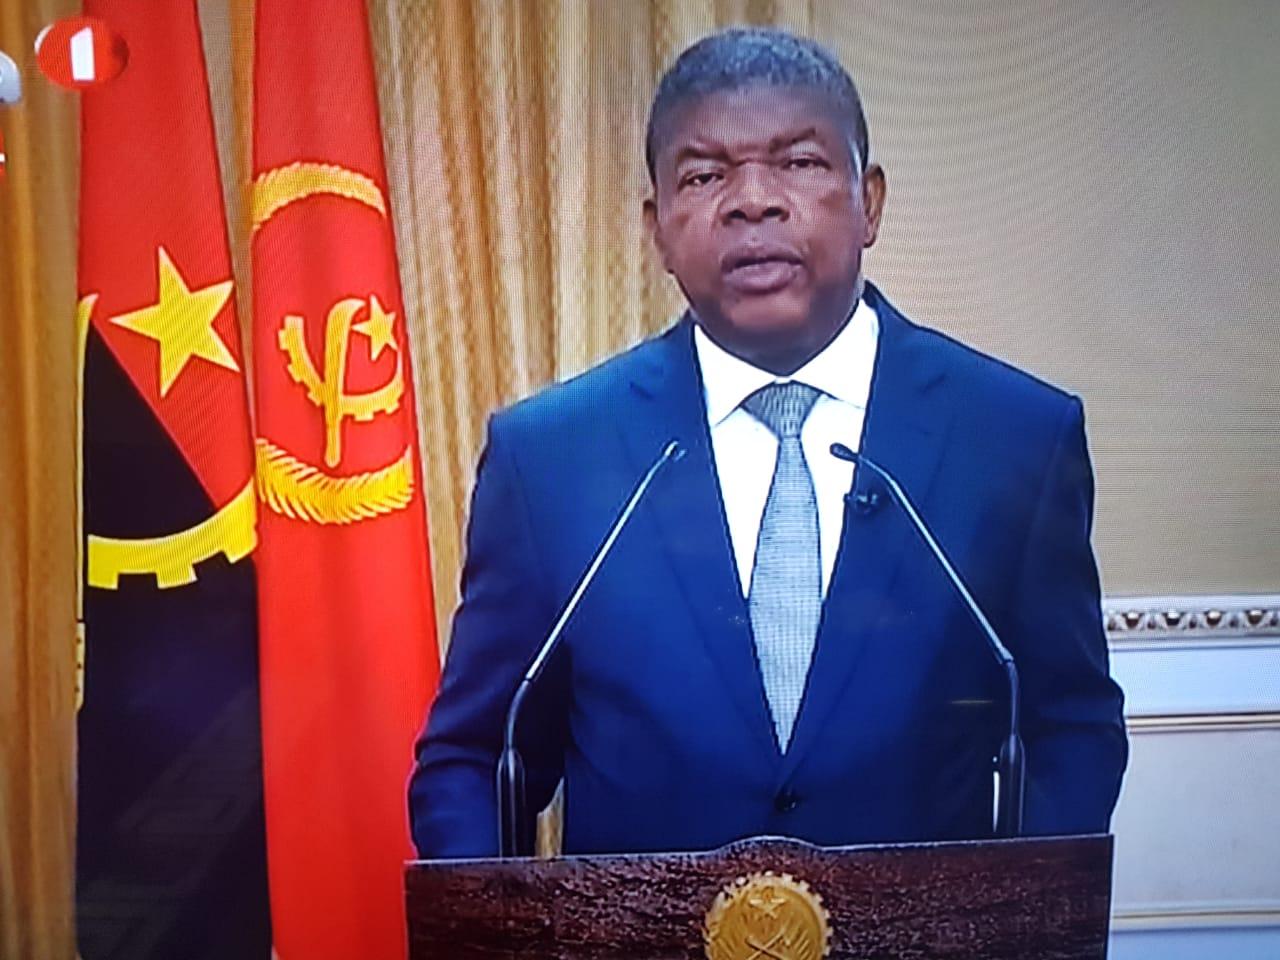 Declarado o Estado de Emergência em Angola